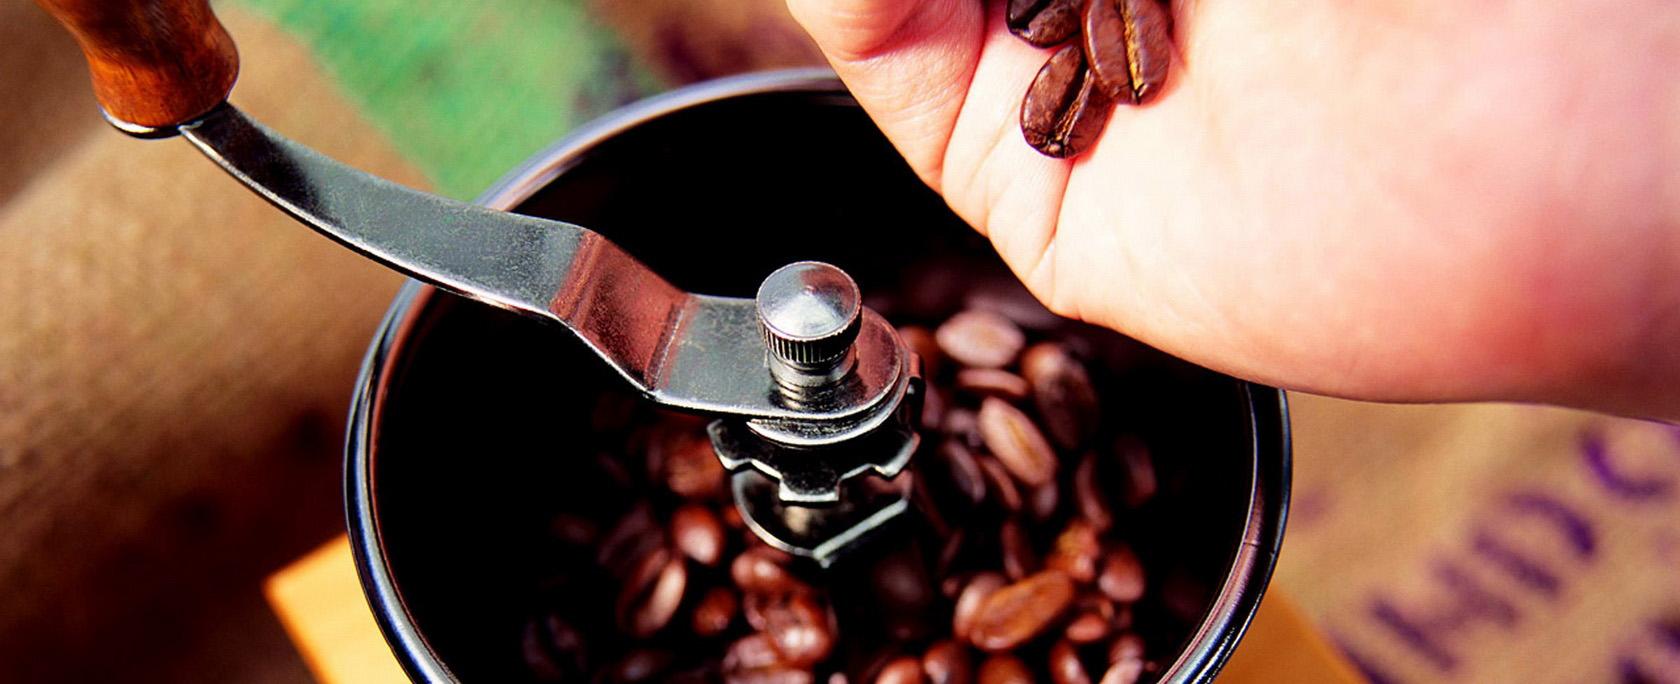 Кофемолка ручная для дома